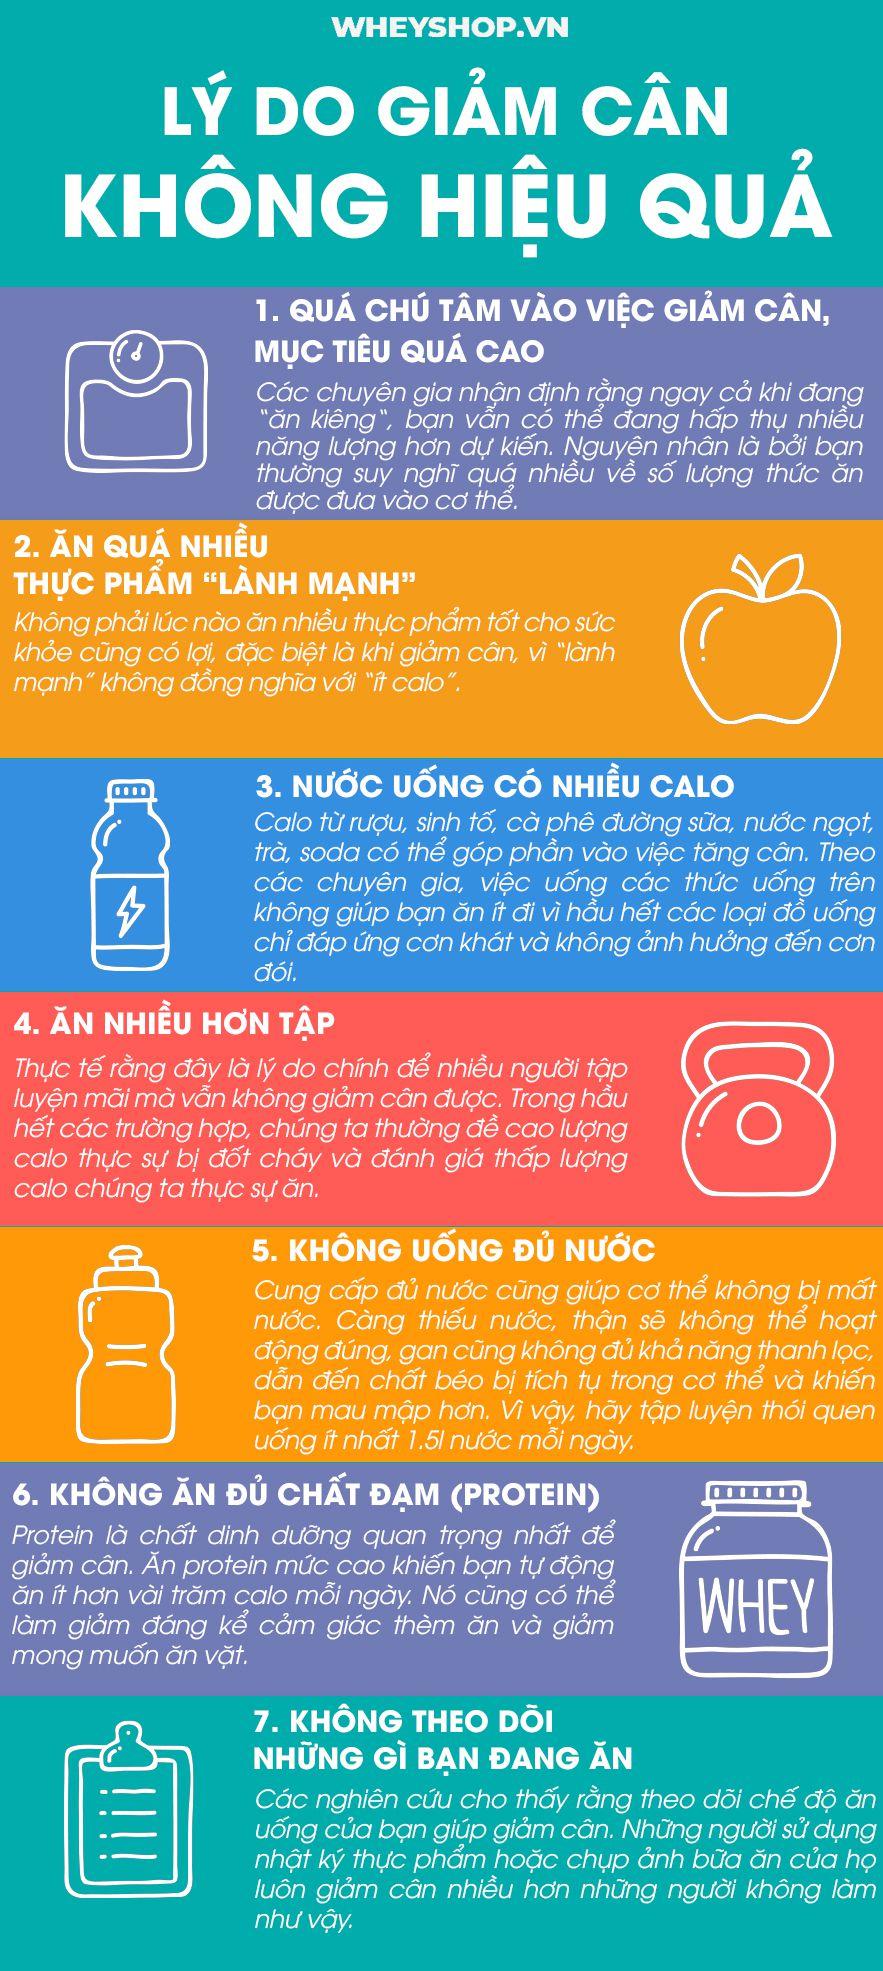 Cùng WheyShop bật mí tìm hiểu ngay 7 thực đơn giản cân cho nữ hiệu quả nhanh trong một tuần. Thực đơn giảm cân cho nữ dễ dàng thực hiện, tốt cho sức khỏe...